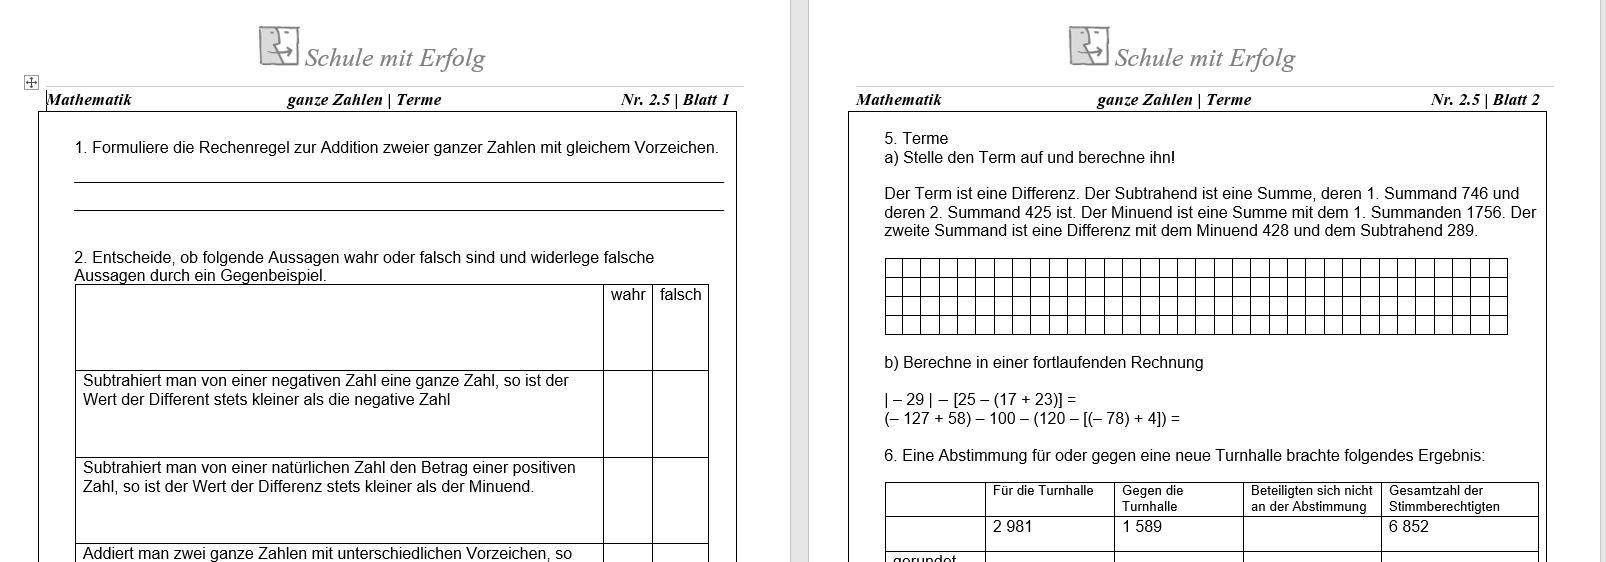 5. Klasse Schulaufgaben & Übungen - Gymnasium in Mathe Online Lernen 5 Klasse Gymnasium